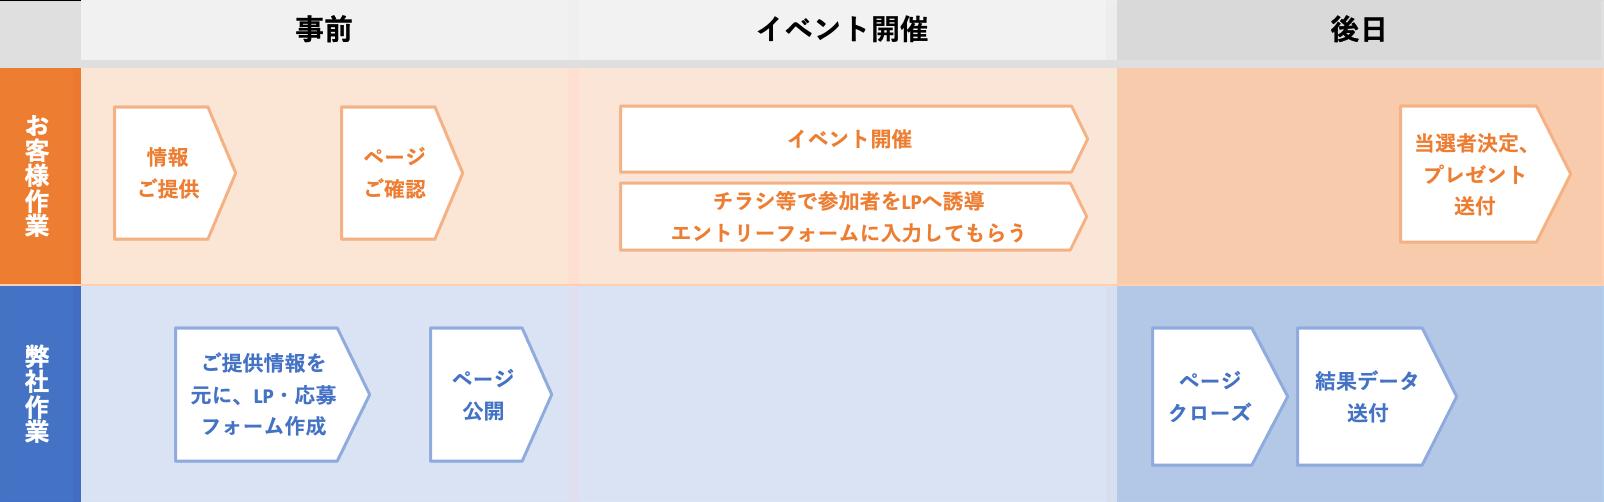 「エントリー」型のオンライン抽選会 作業フロー例